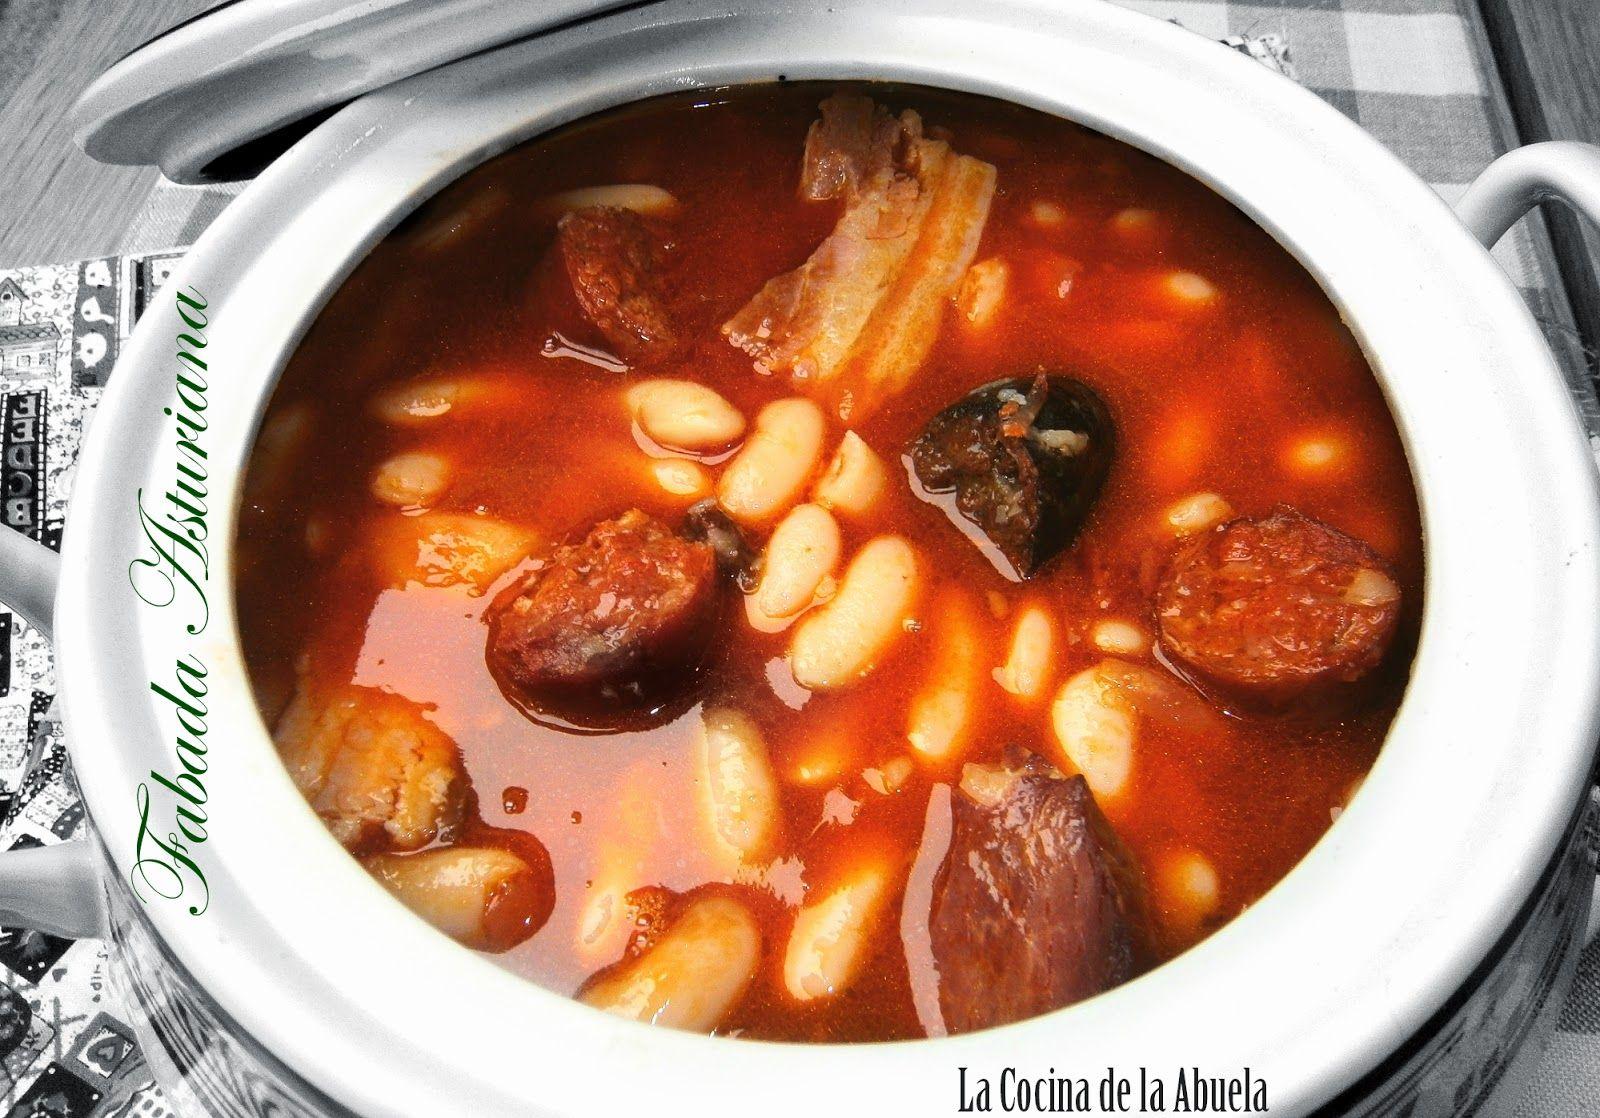 Fabada Asturiana Receta Paso A Paso Receta De Tradicional Sencilla Cocina Tradicional Cuchara Fabada Asturiana Cocina Espanola Recetas Recetas De Cocina